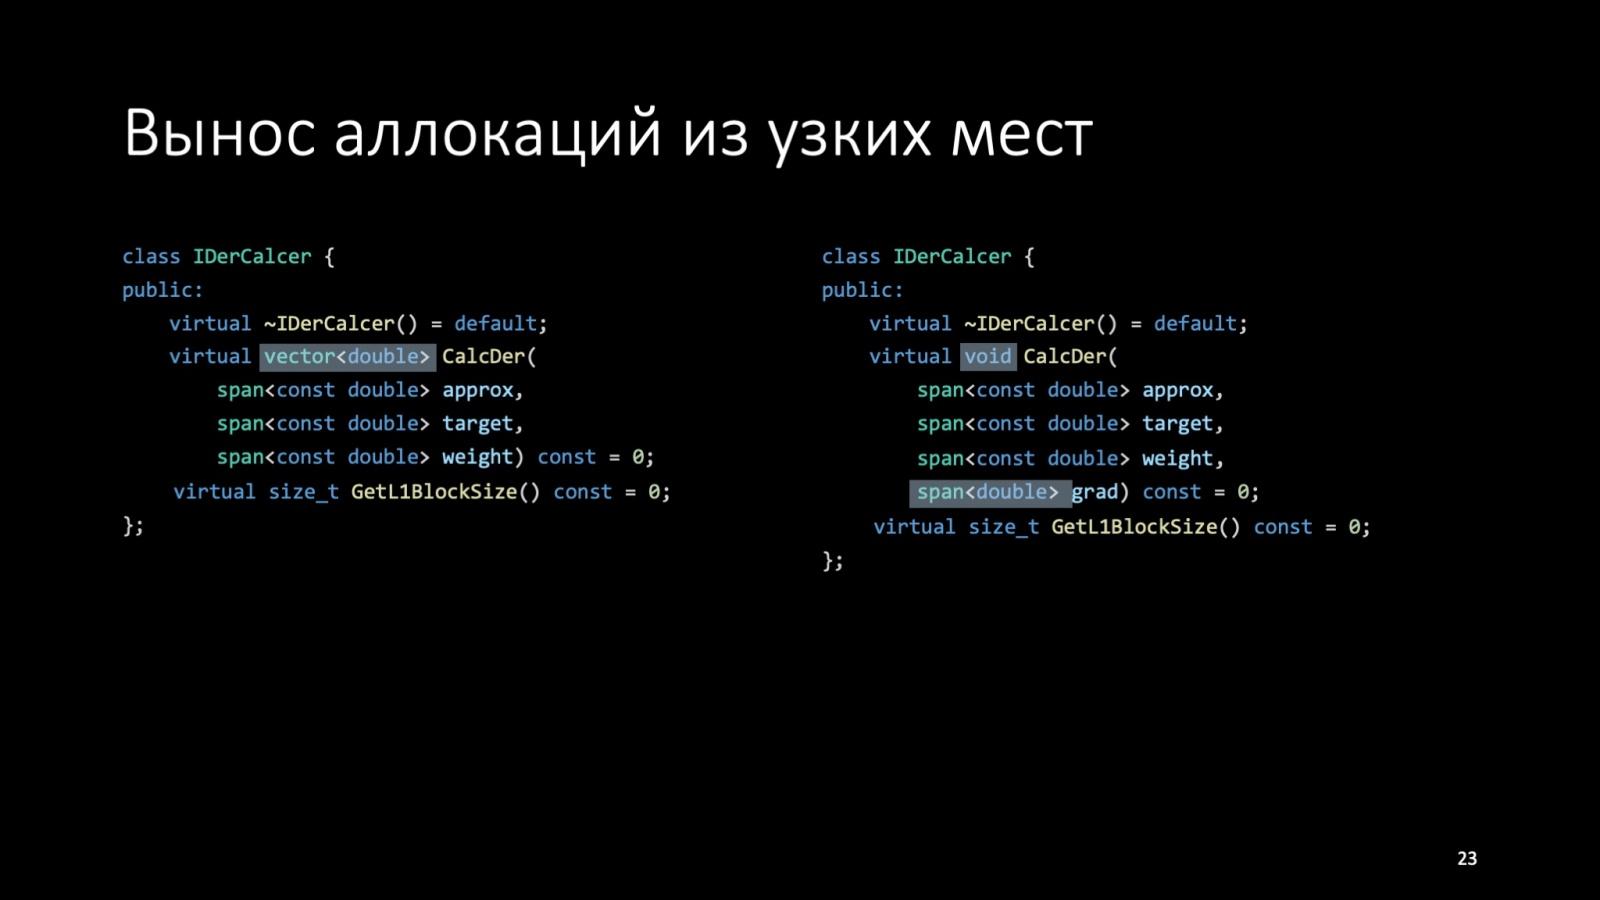 Оптимизация C++: совмещаем скорость и высокий уровень. Доклад Яндекса - 23